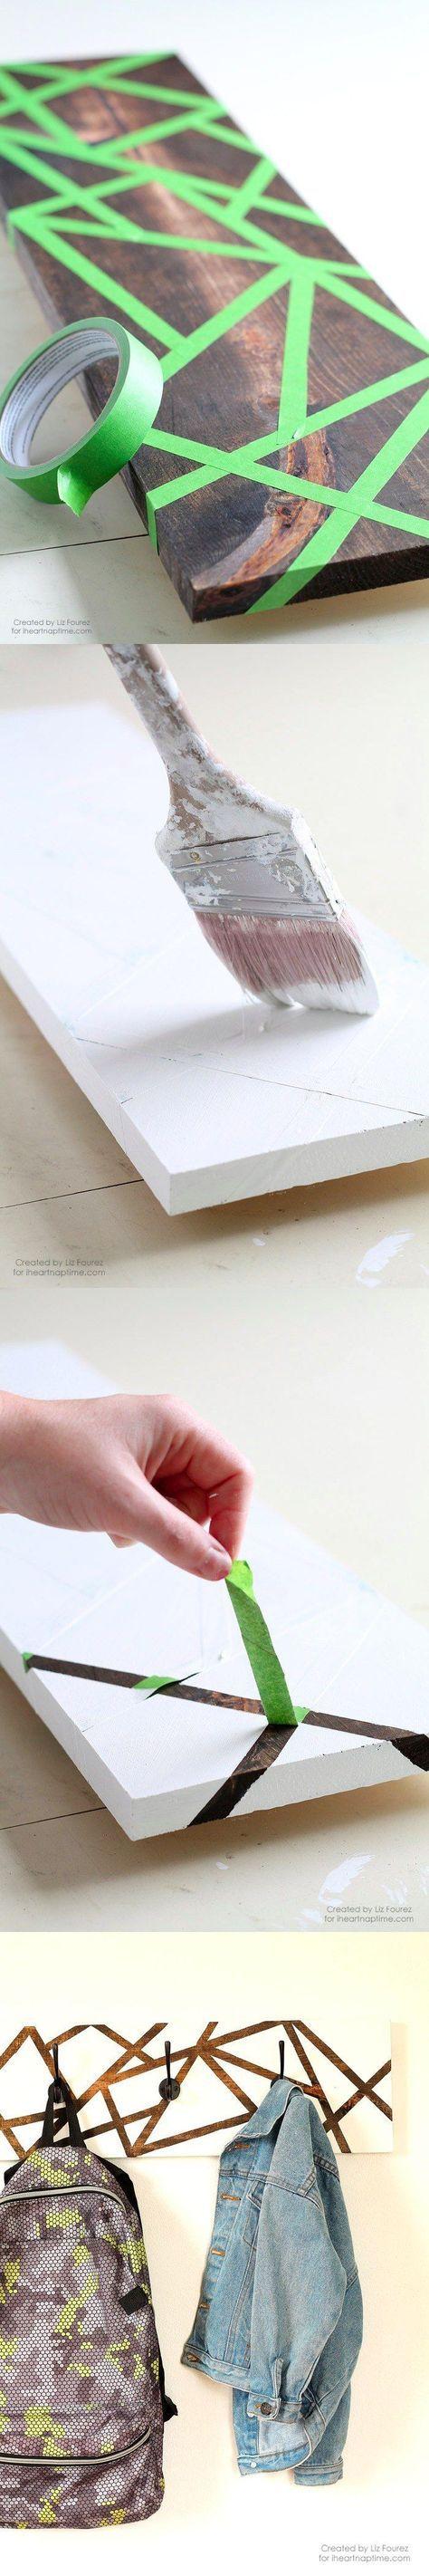 faire des rayures en tout sens sur du bois et le peindre id es en 2019 bricolage maison. Black Bedroom Furniture Sets. Home Design Ideas